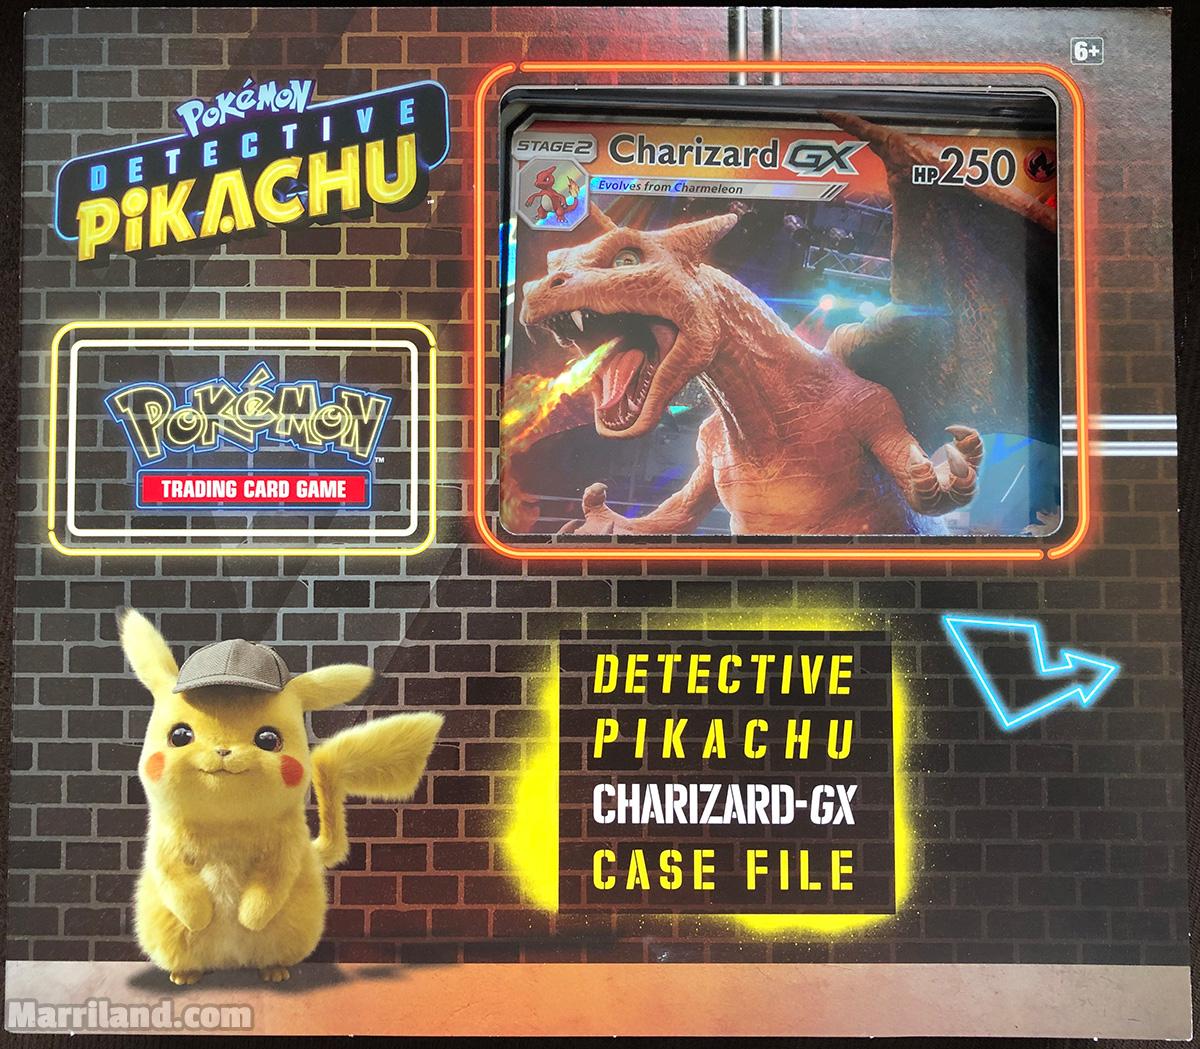 Pokemon Tcg Detective Pikachu Charizard Gx Case File Review